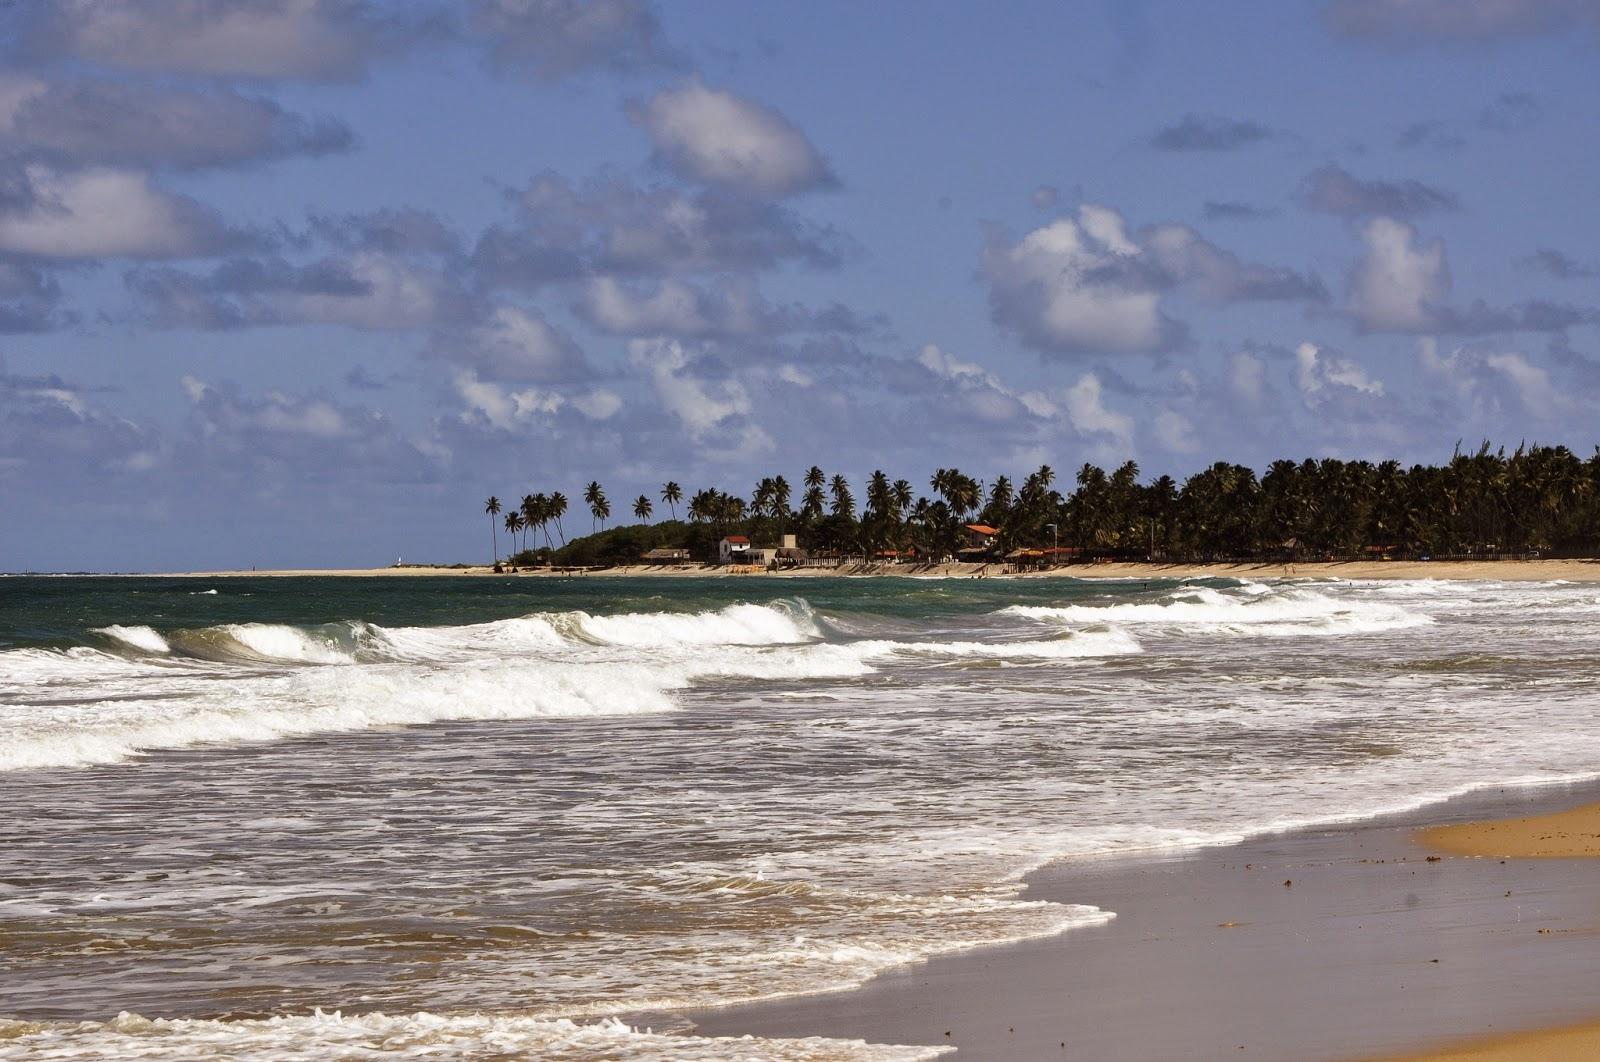 praias brasileiras paquerar maracaípe